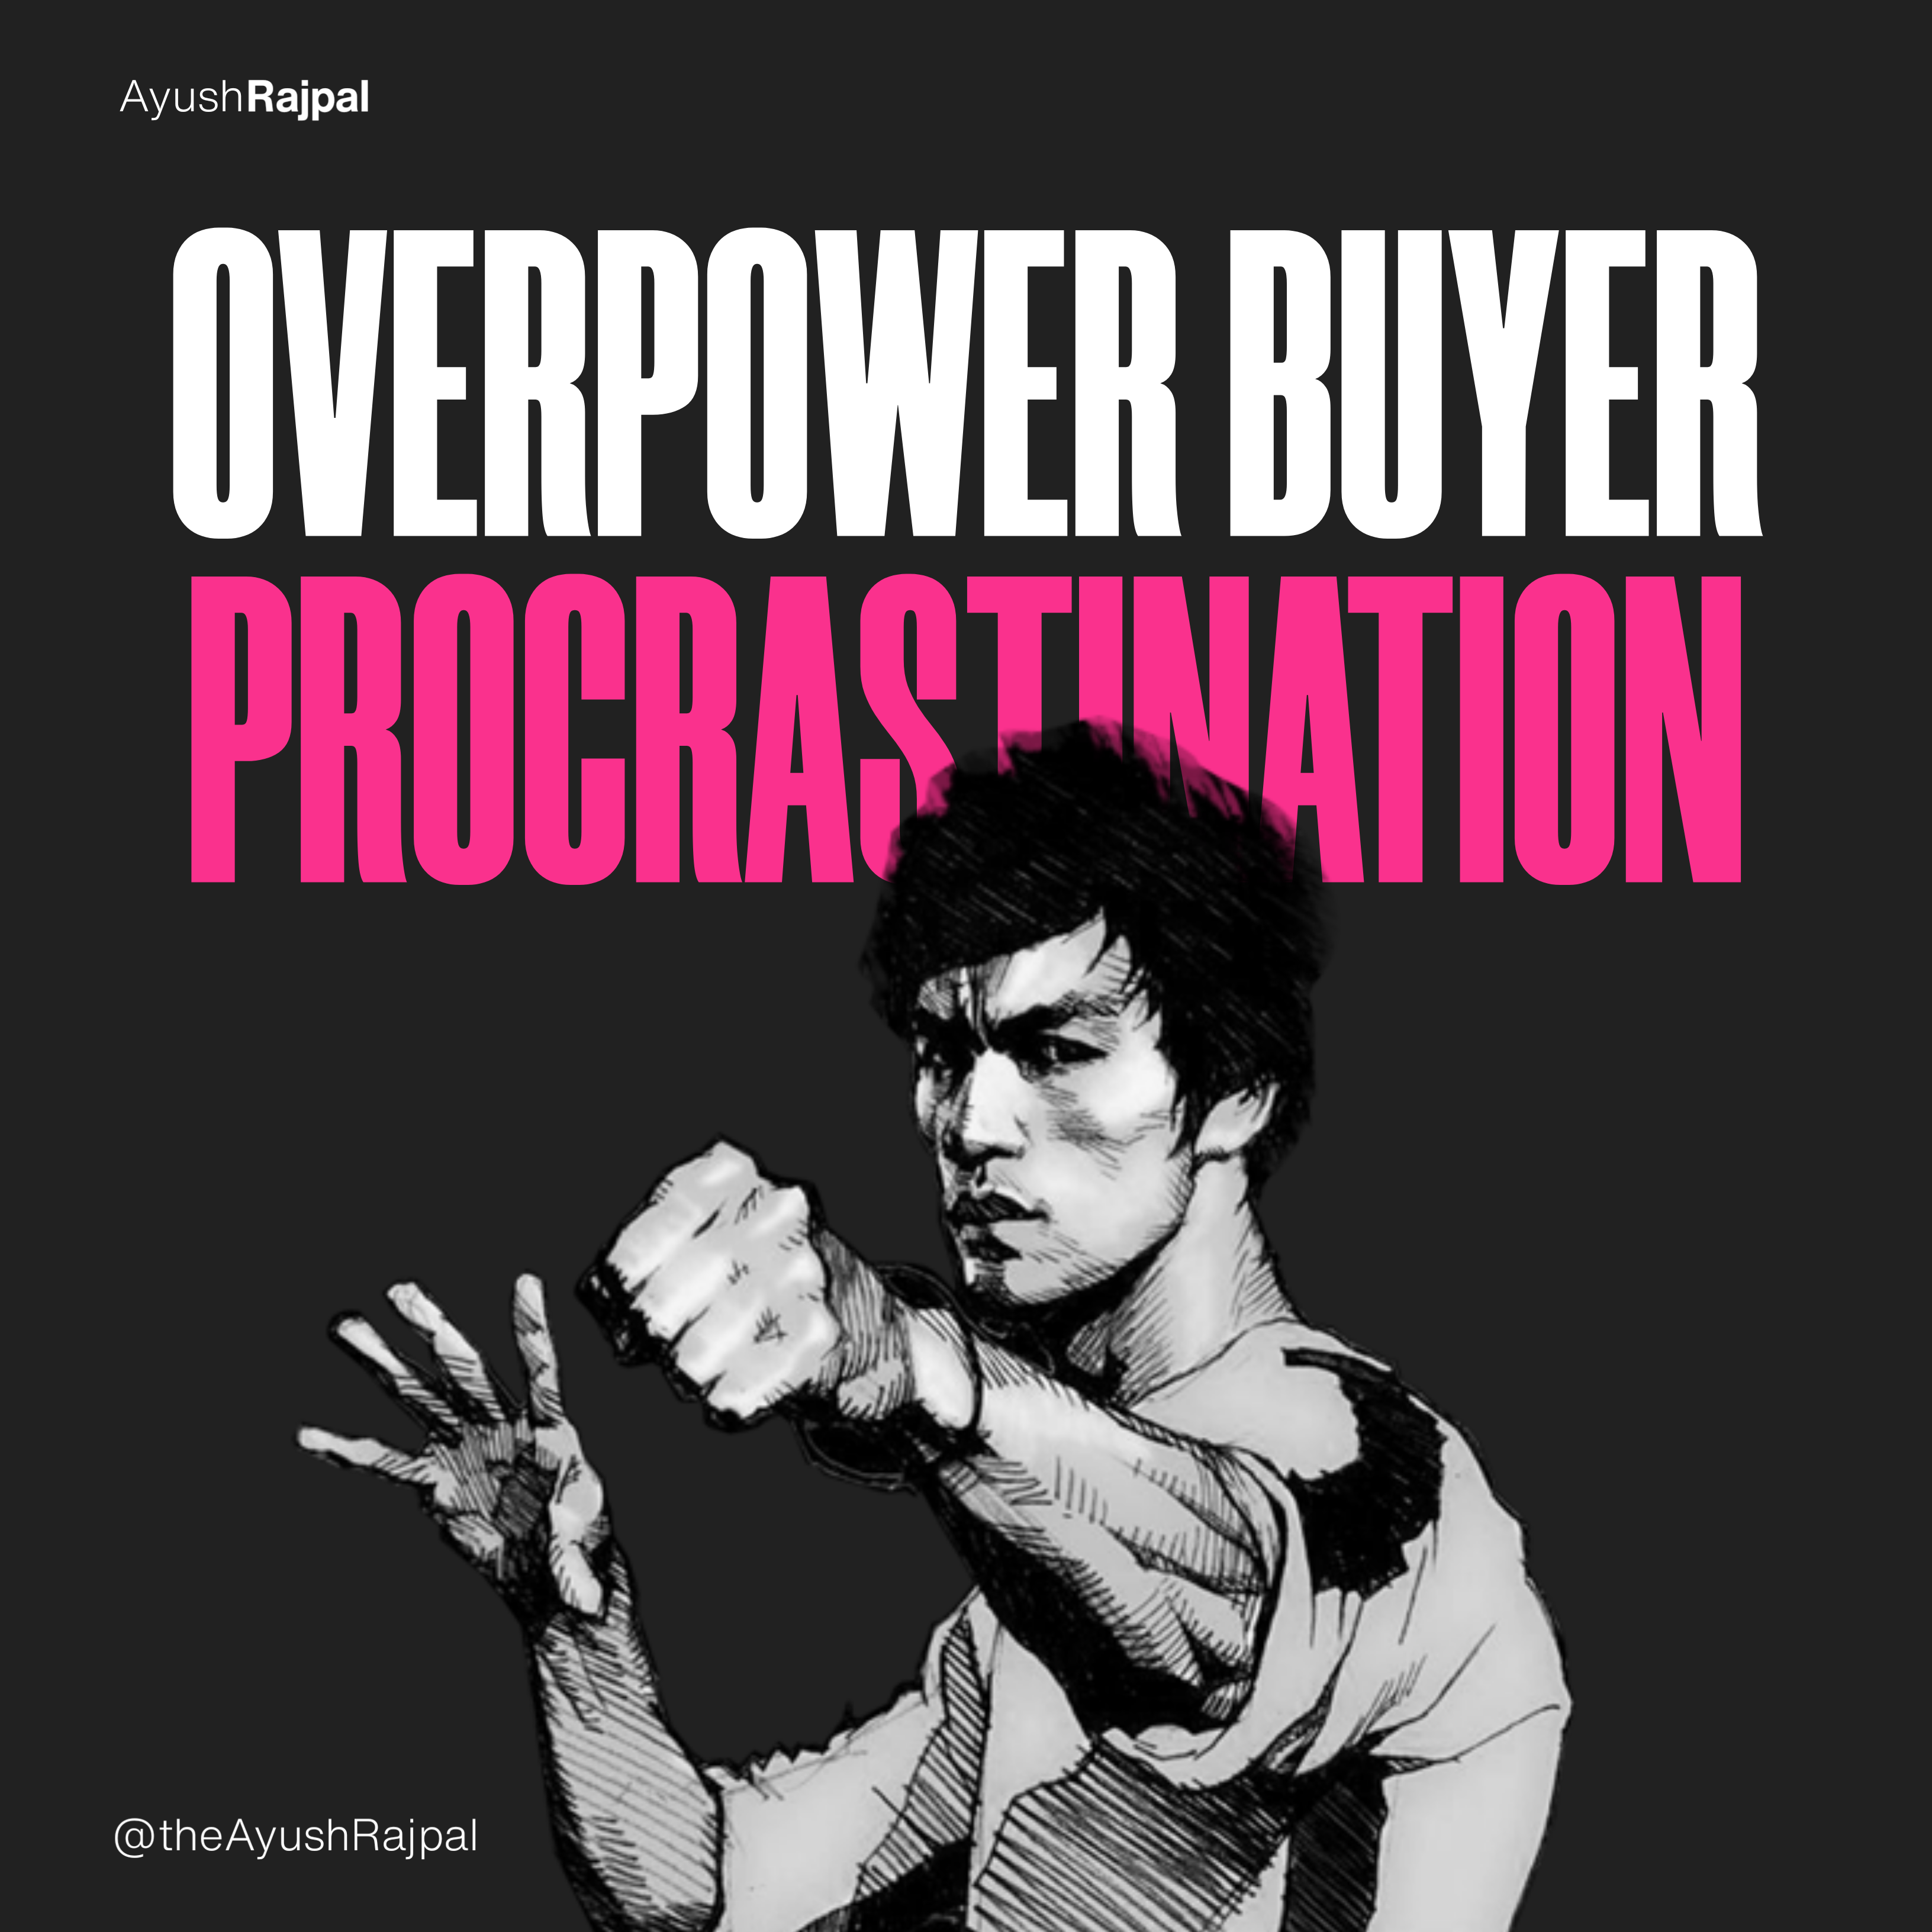 Overpower Buyer Procrastination